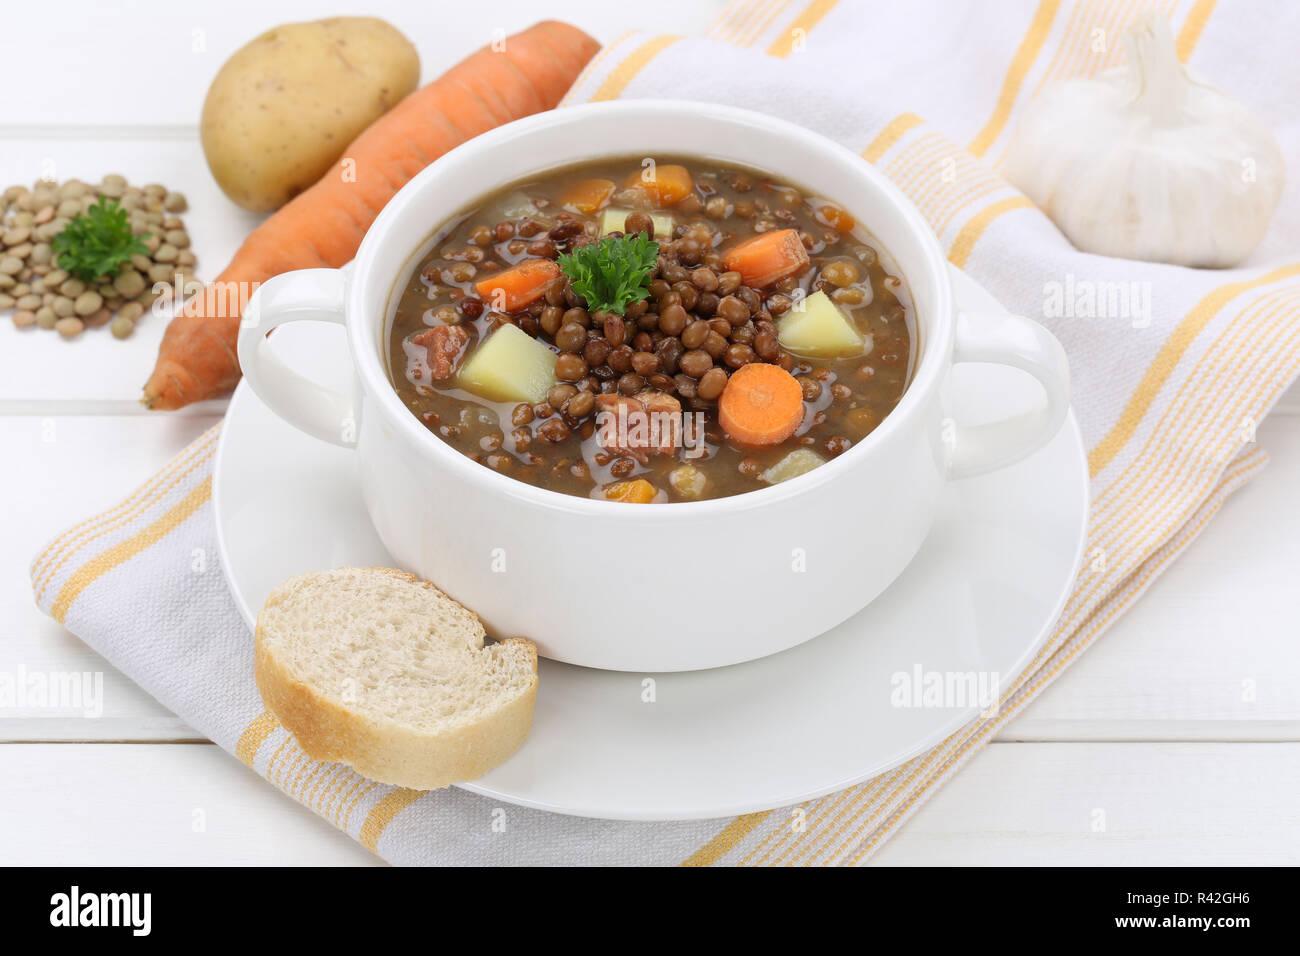 lentil soup with lentils soup in soup bowl Stock Photo